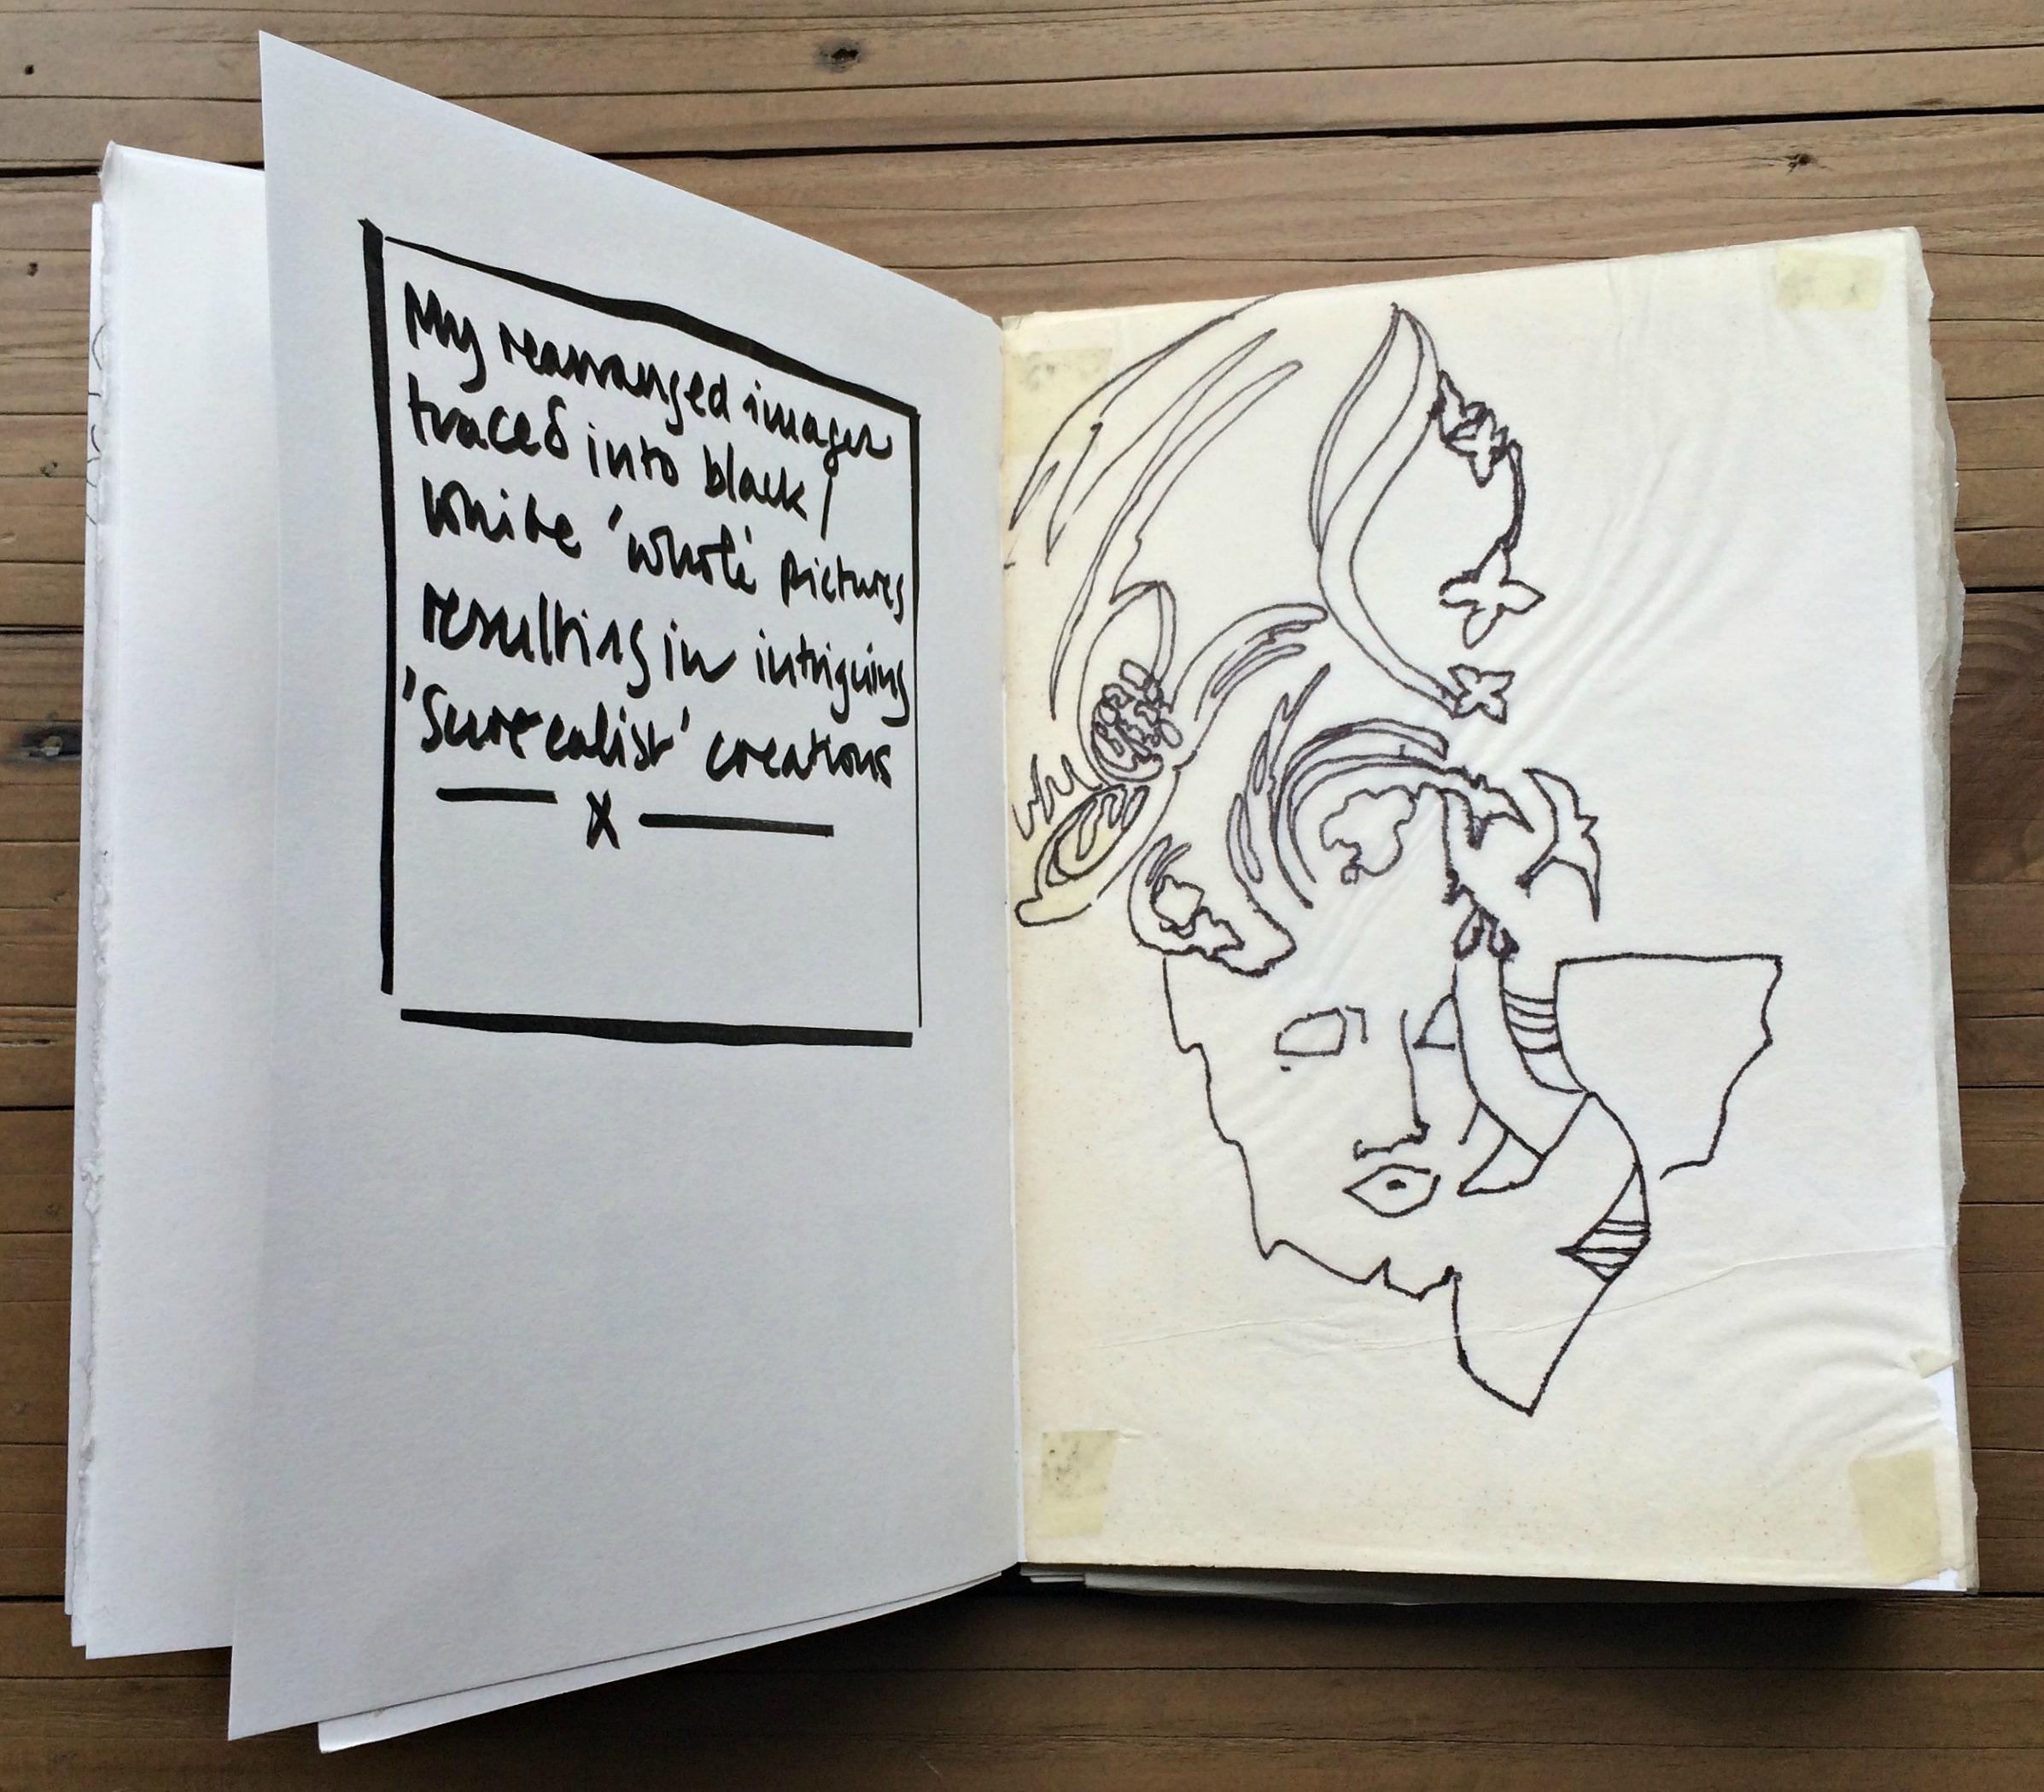 Sketchbook 1: reassembled image